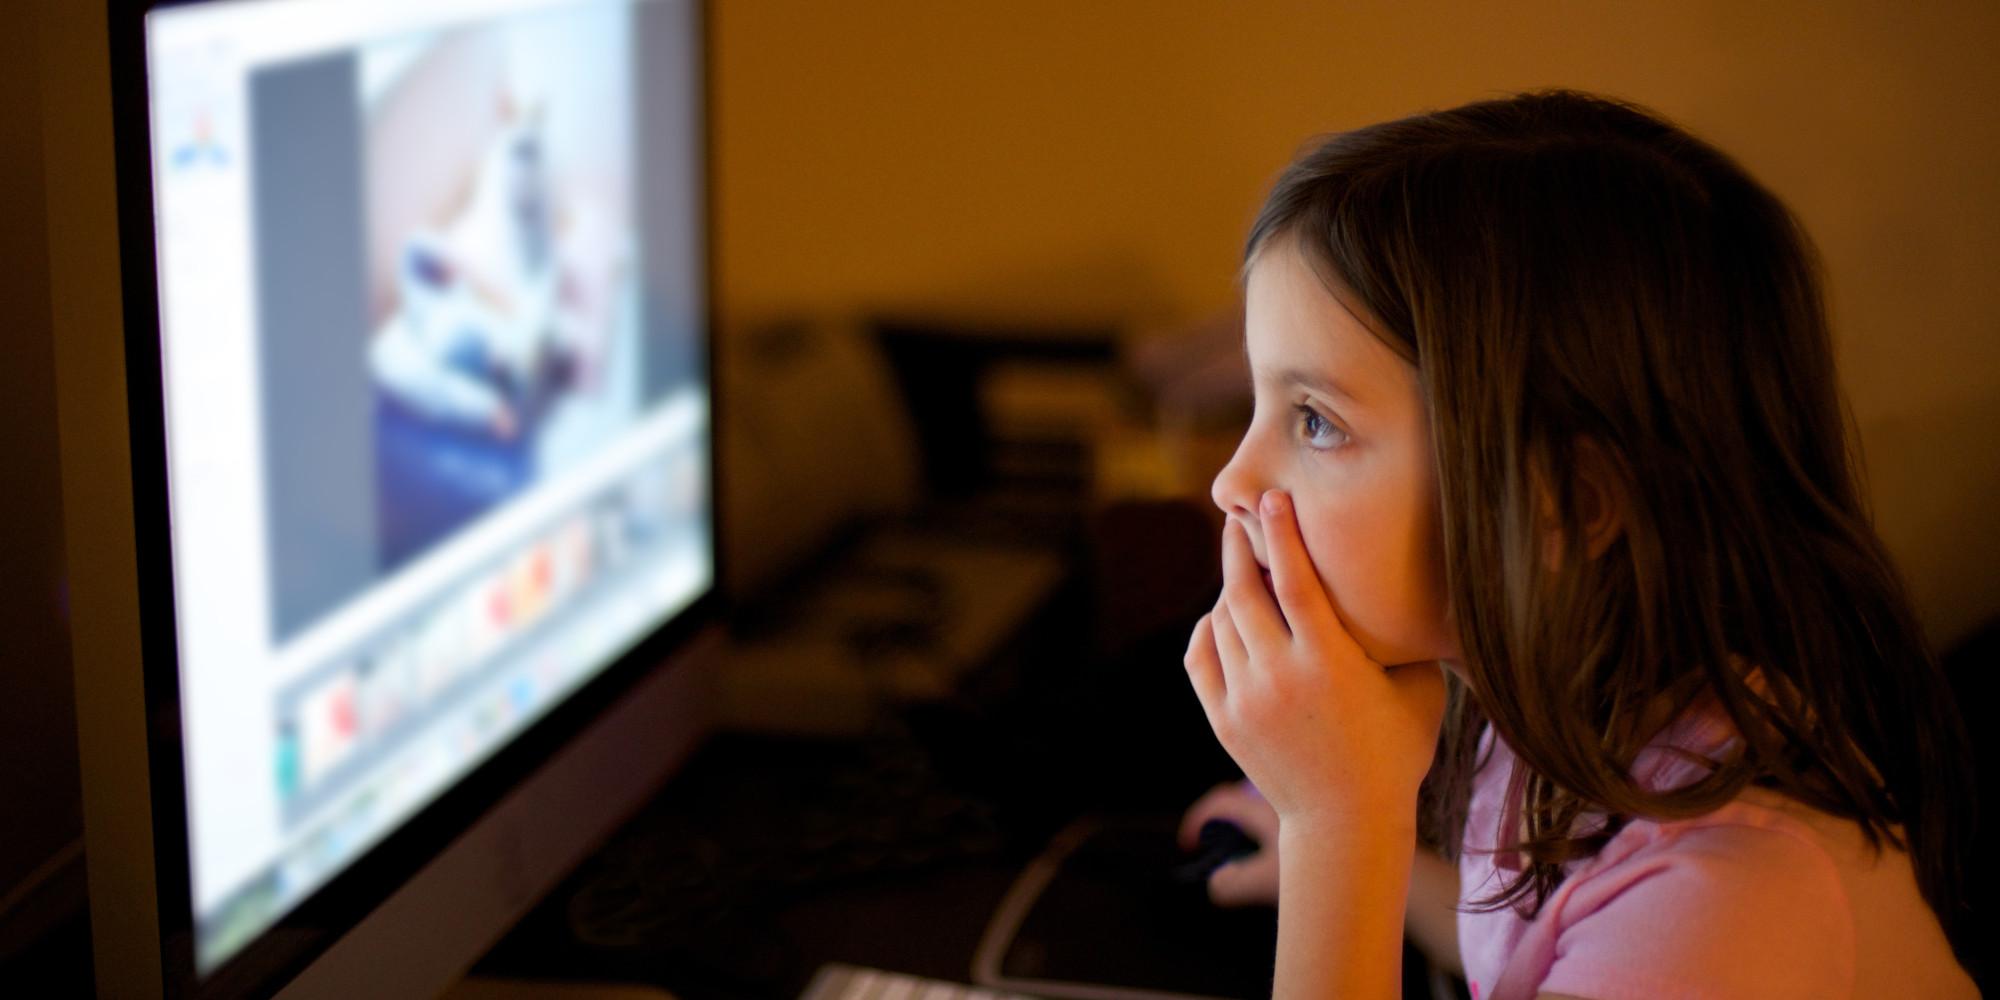 Malefícios da televisão nas crianças